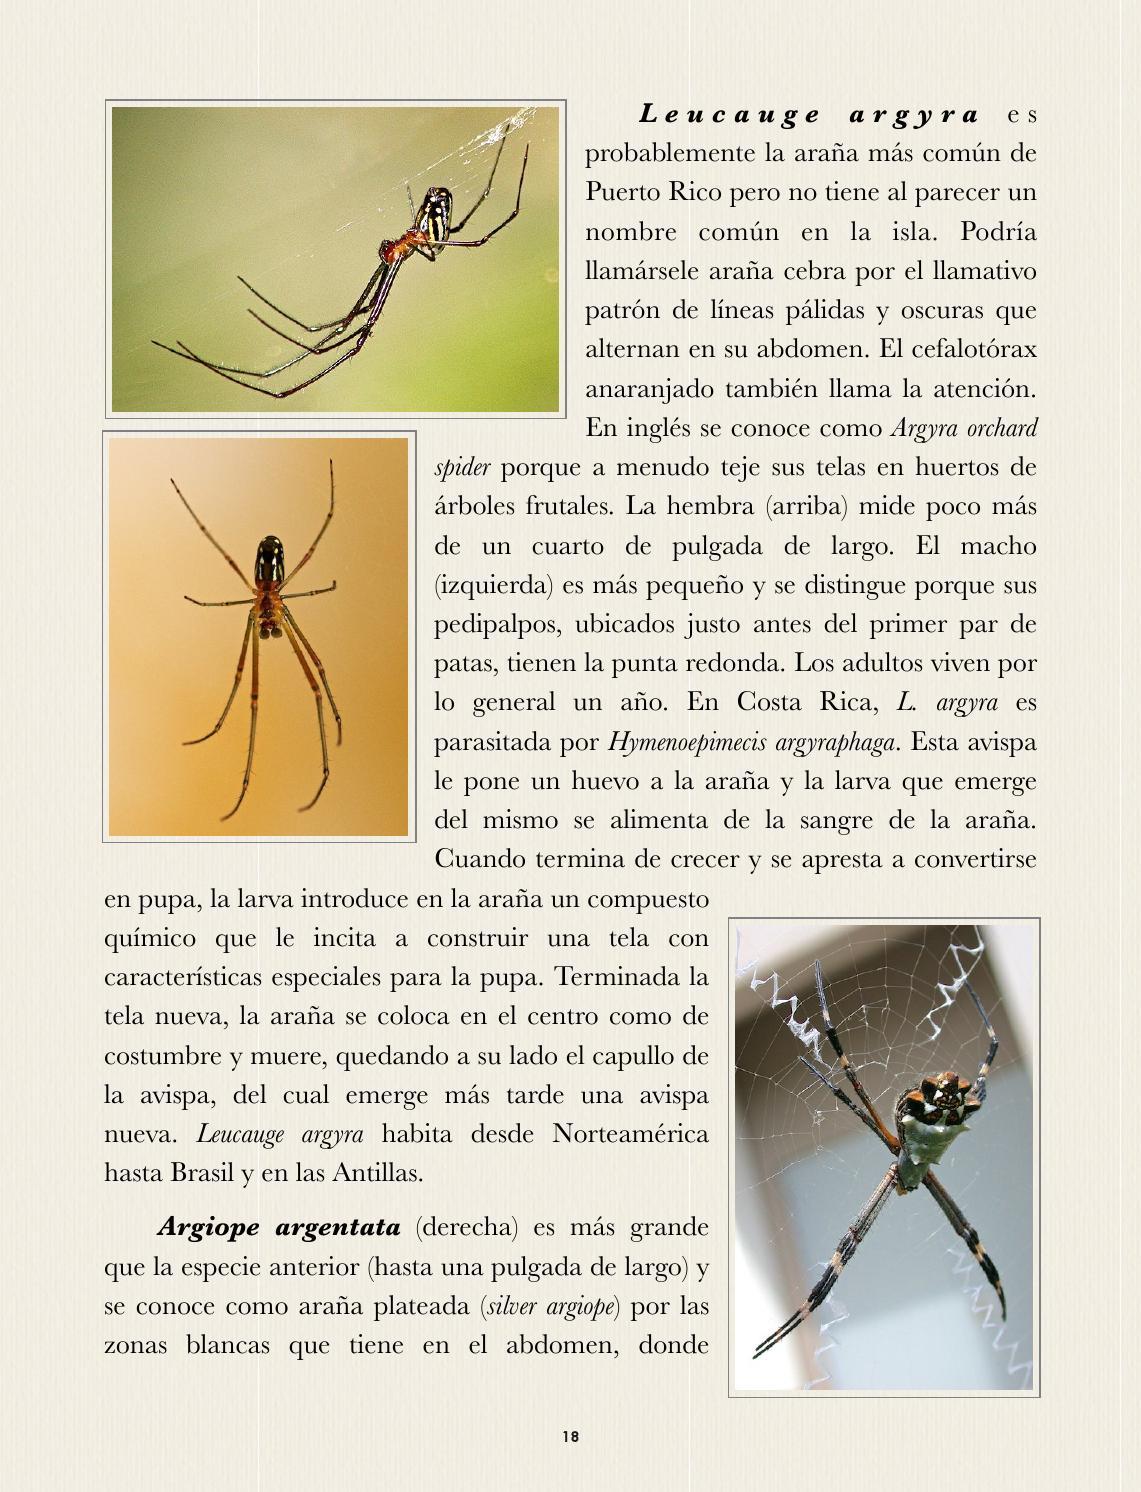 Fauna casera de Puerto Rico by Colección Puertorriqueña UPR RP - issuu